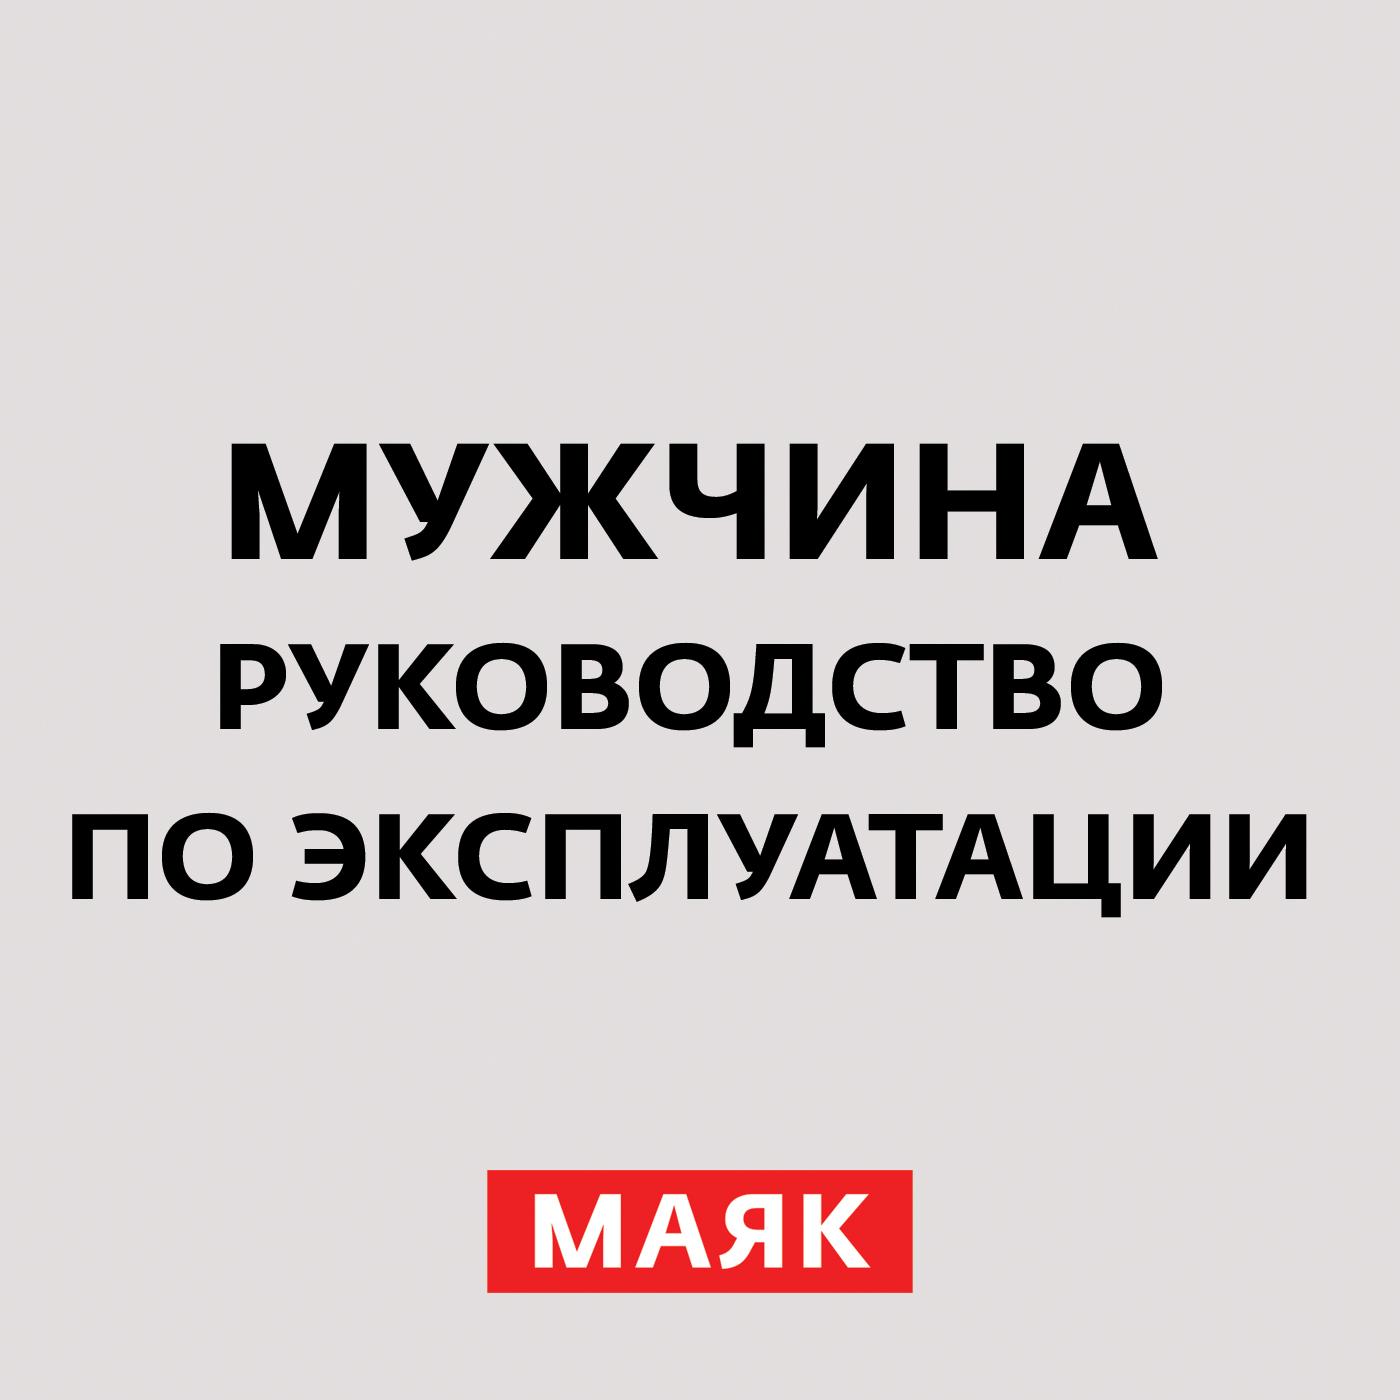 Творческий коллектив шоу «Сергей Стиллавин и его друзья» Мужчины-мазохисты творческий коллектив шоу сергей стиллавин и его друзья почему мужчины боятся красивых женщин